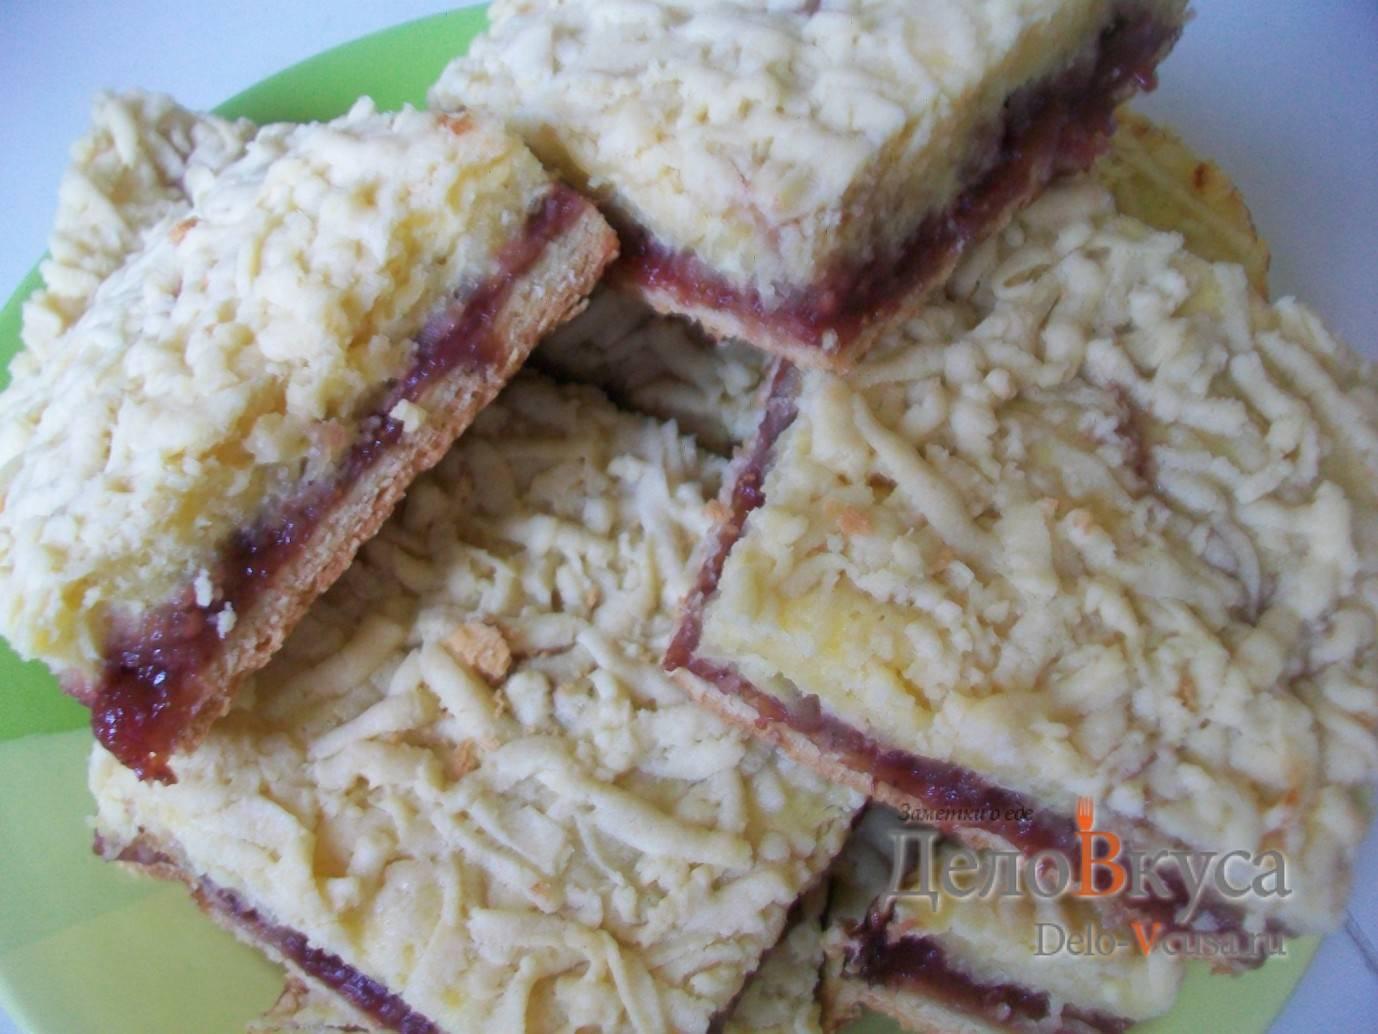 Как вкусно испечь пирог с ревенем – 7 незабываемых рецептов